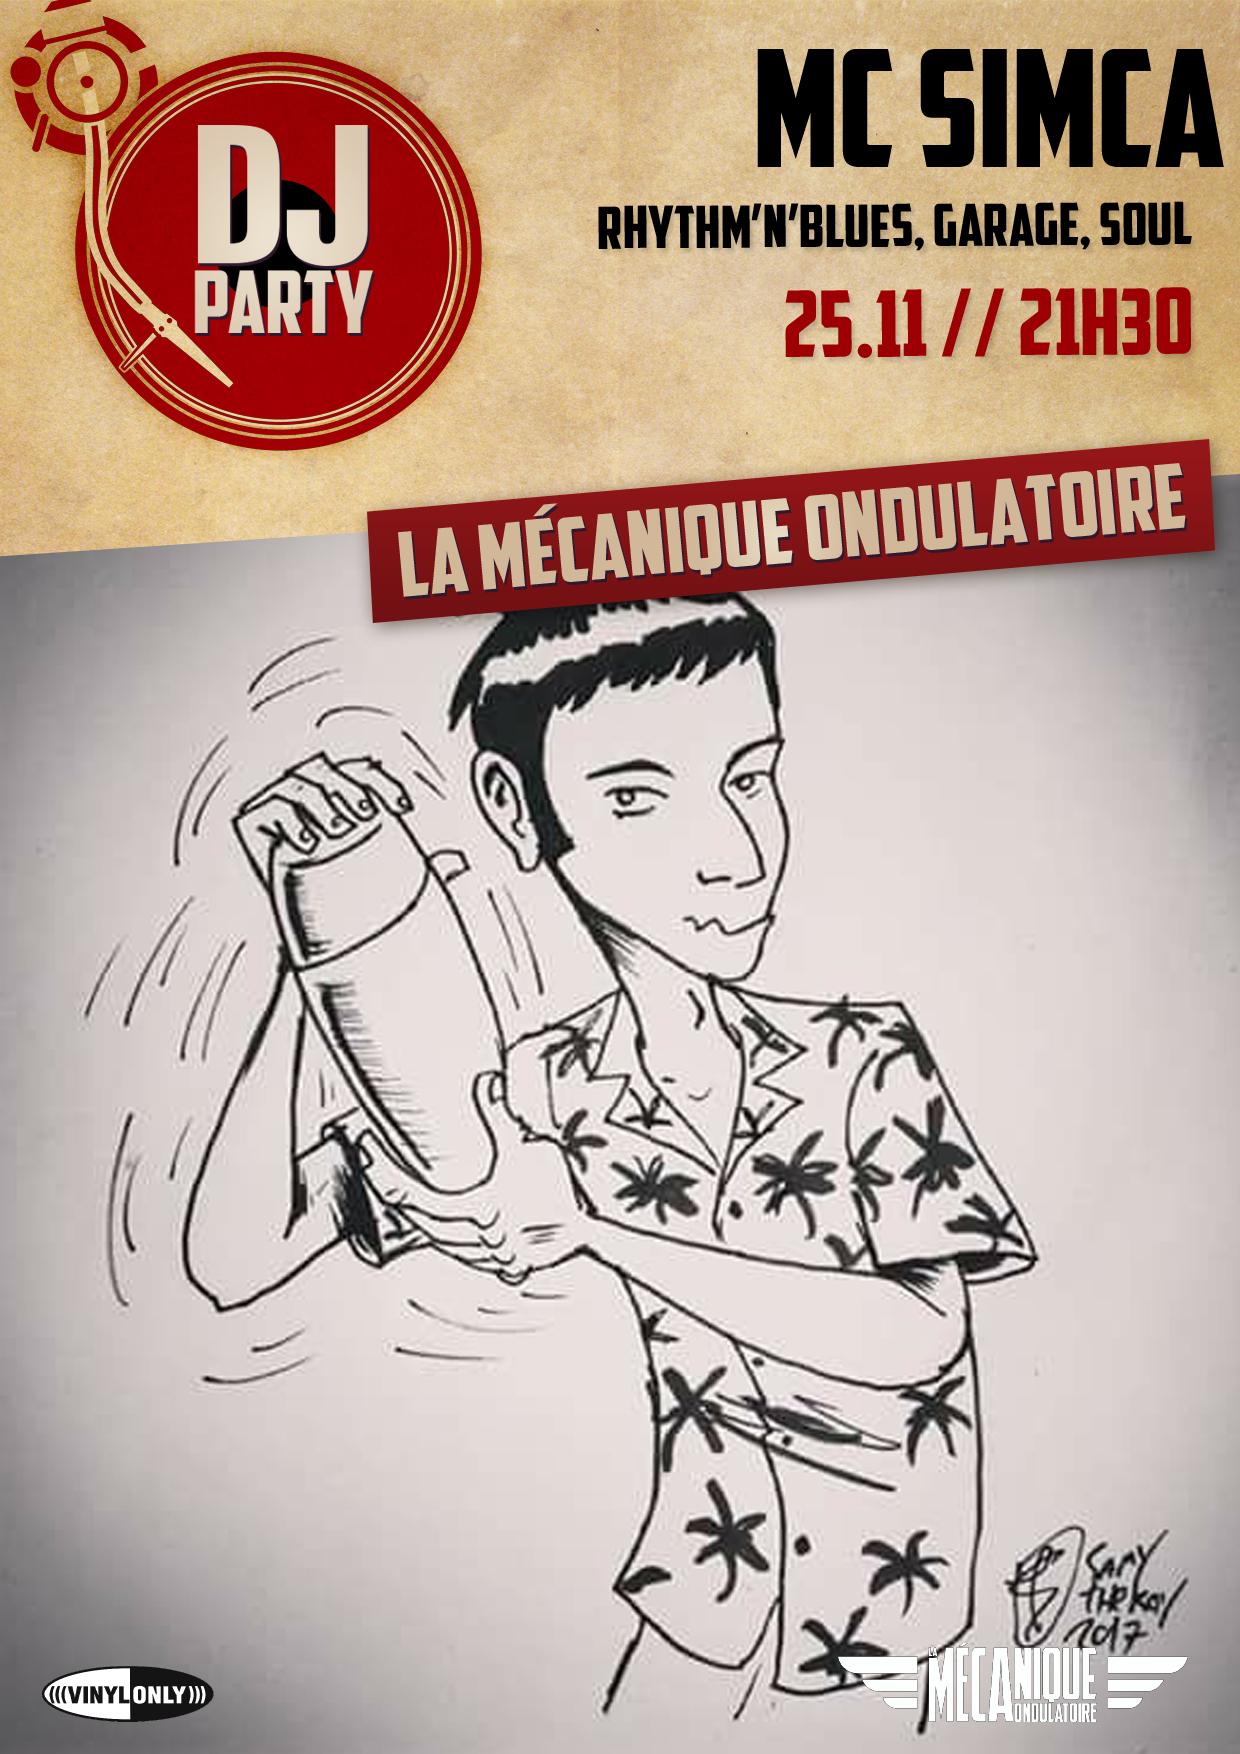 MC SIMCA DJ PARTY // 25.11